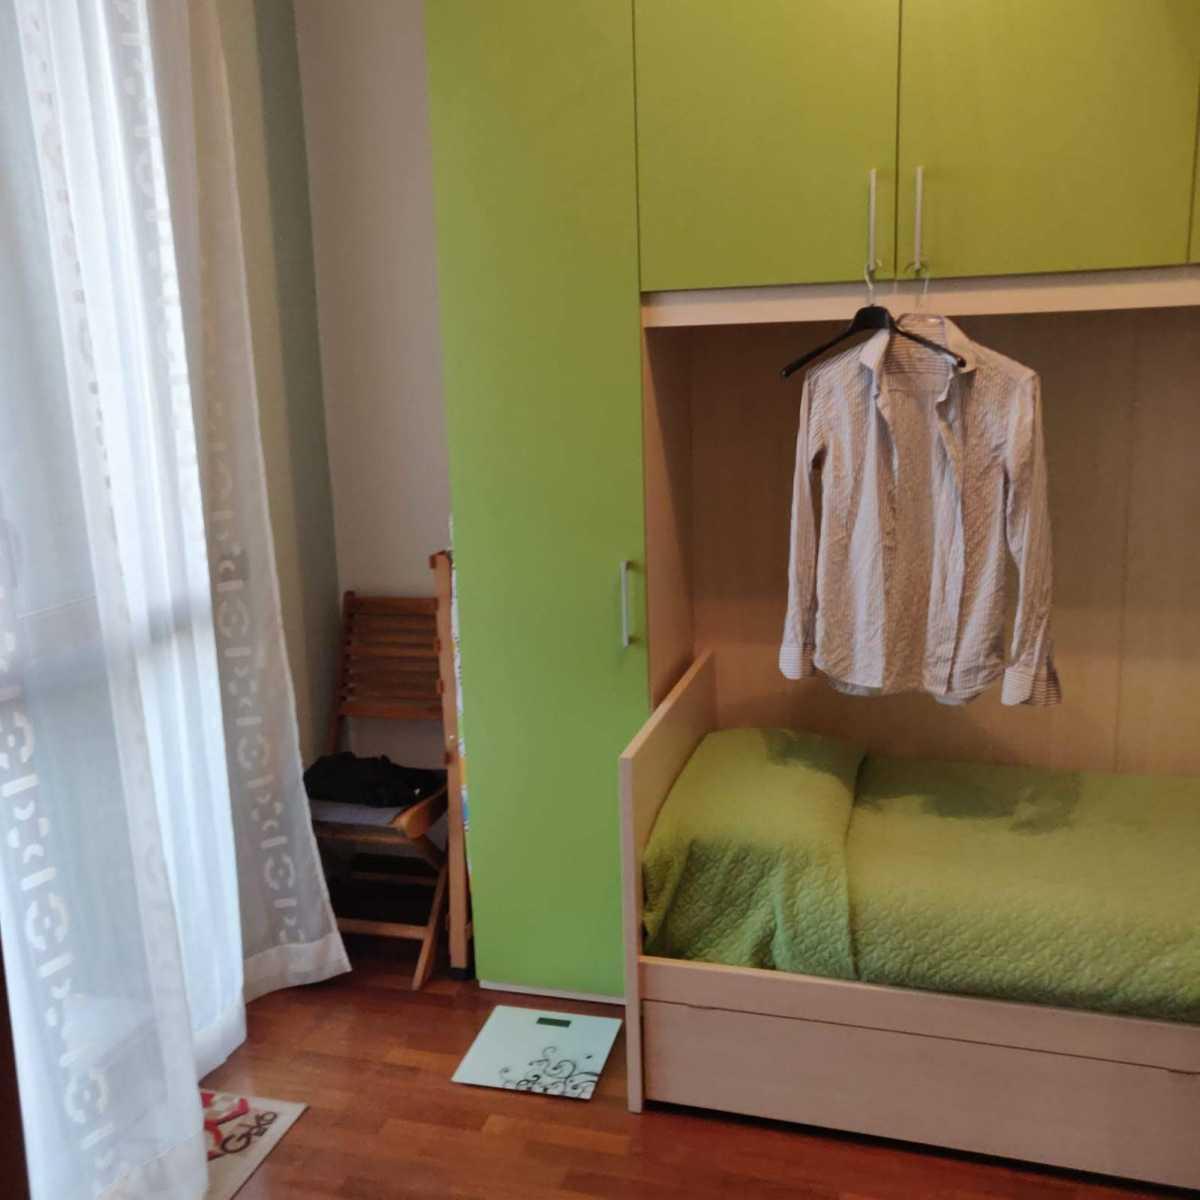 appartamento-in-vendita-milano-muggiano-3-locali-trilocale-spaziourbano-immobiliare-vende-11